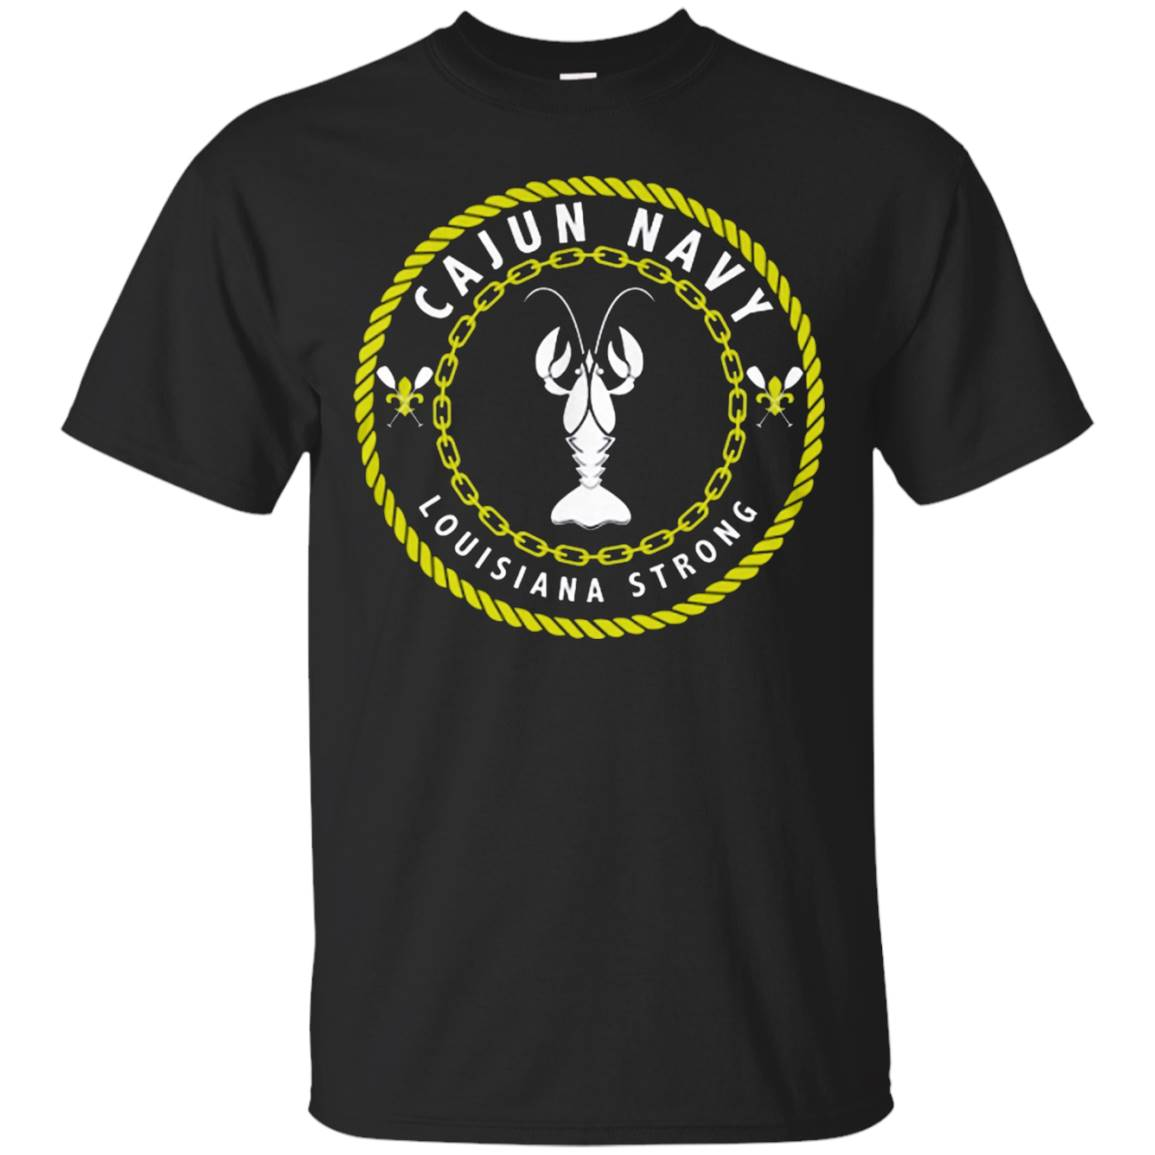 Cajun Navy t shirt